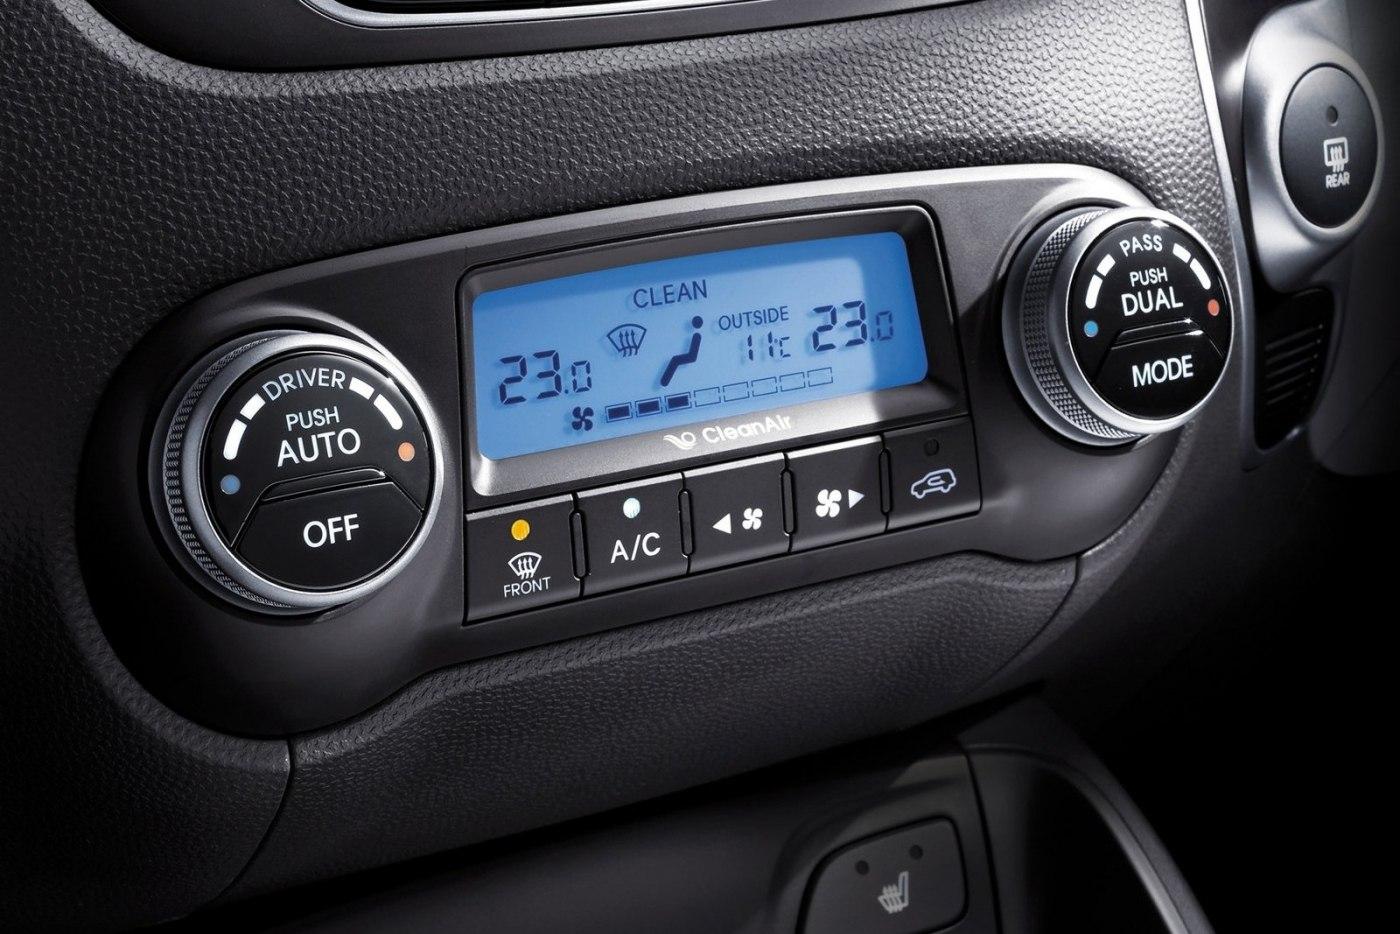 Почему климат-контроль в Hyundai Tucson периодически сам включает рециркуляцию воздуха в салоне